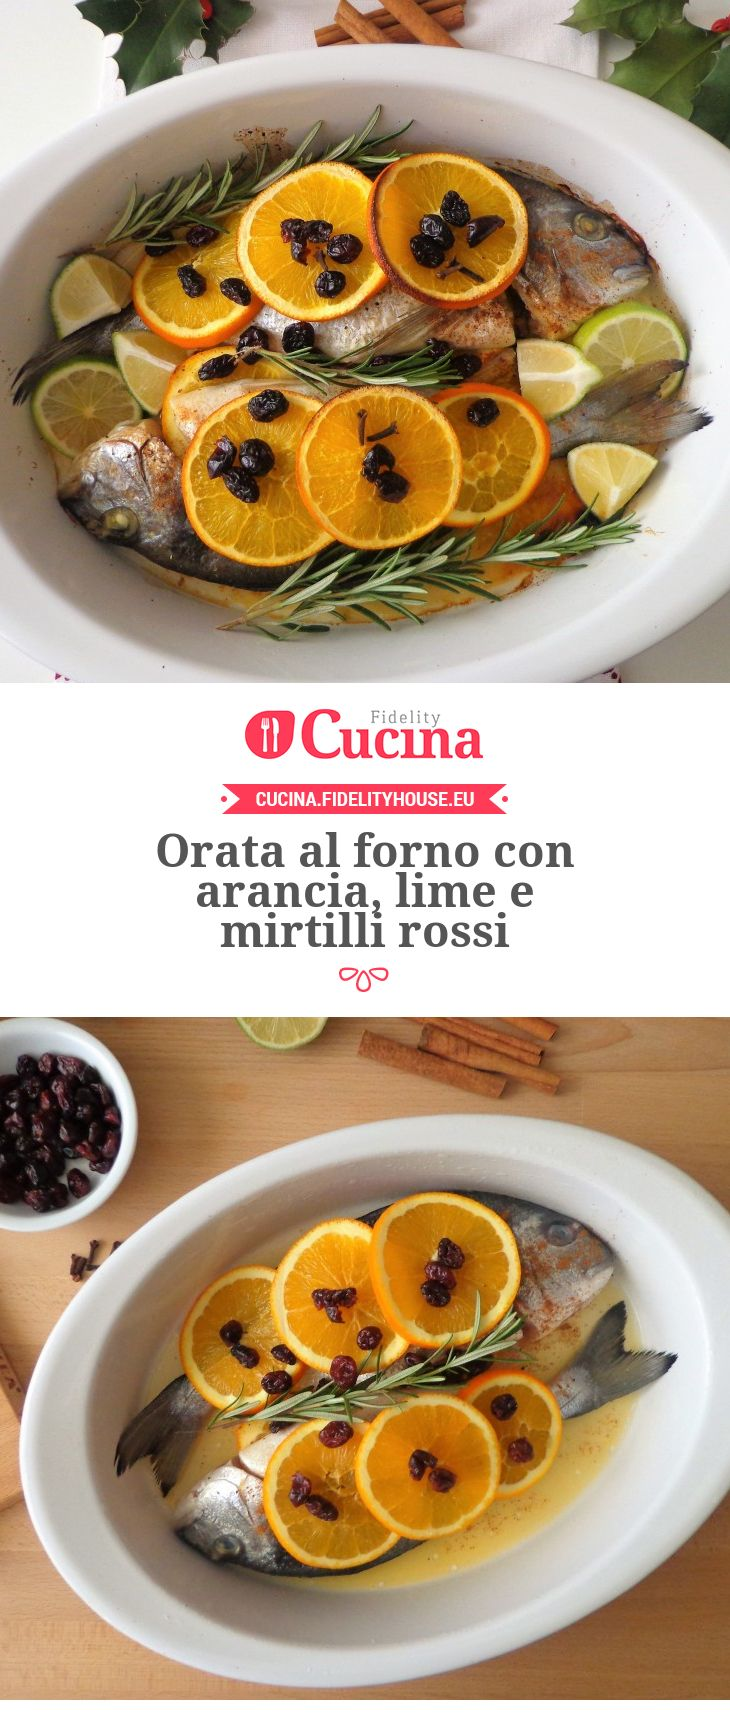 Orata al forno con arancia, lime e mirtilli rossi della nostra utente Magdalena. Unisciti alla nostra Community ed invia le tue ricette!